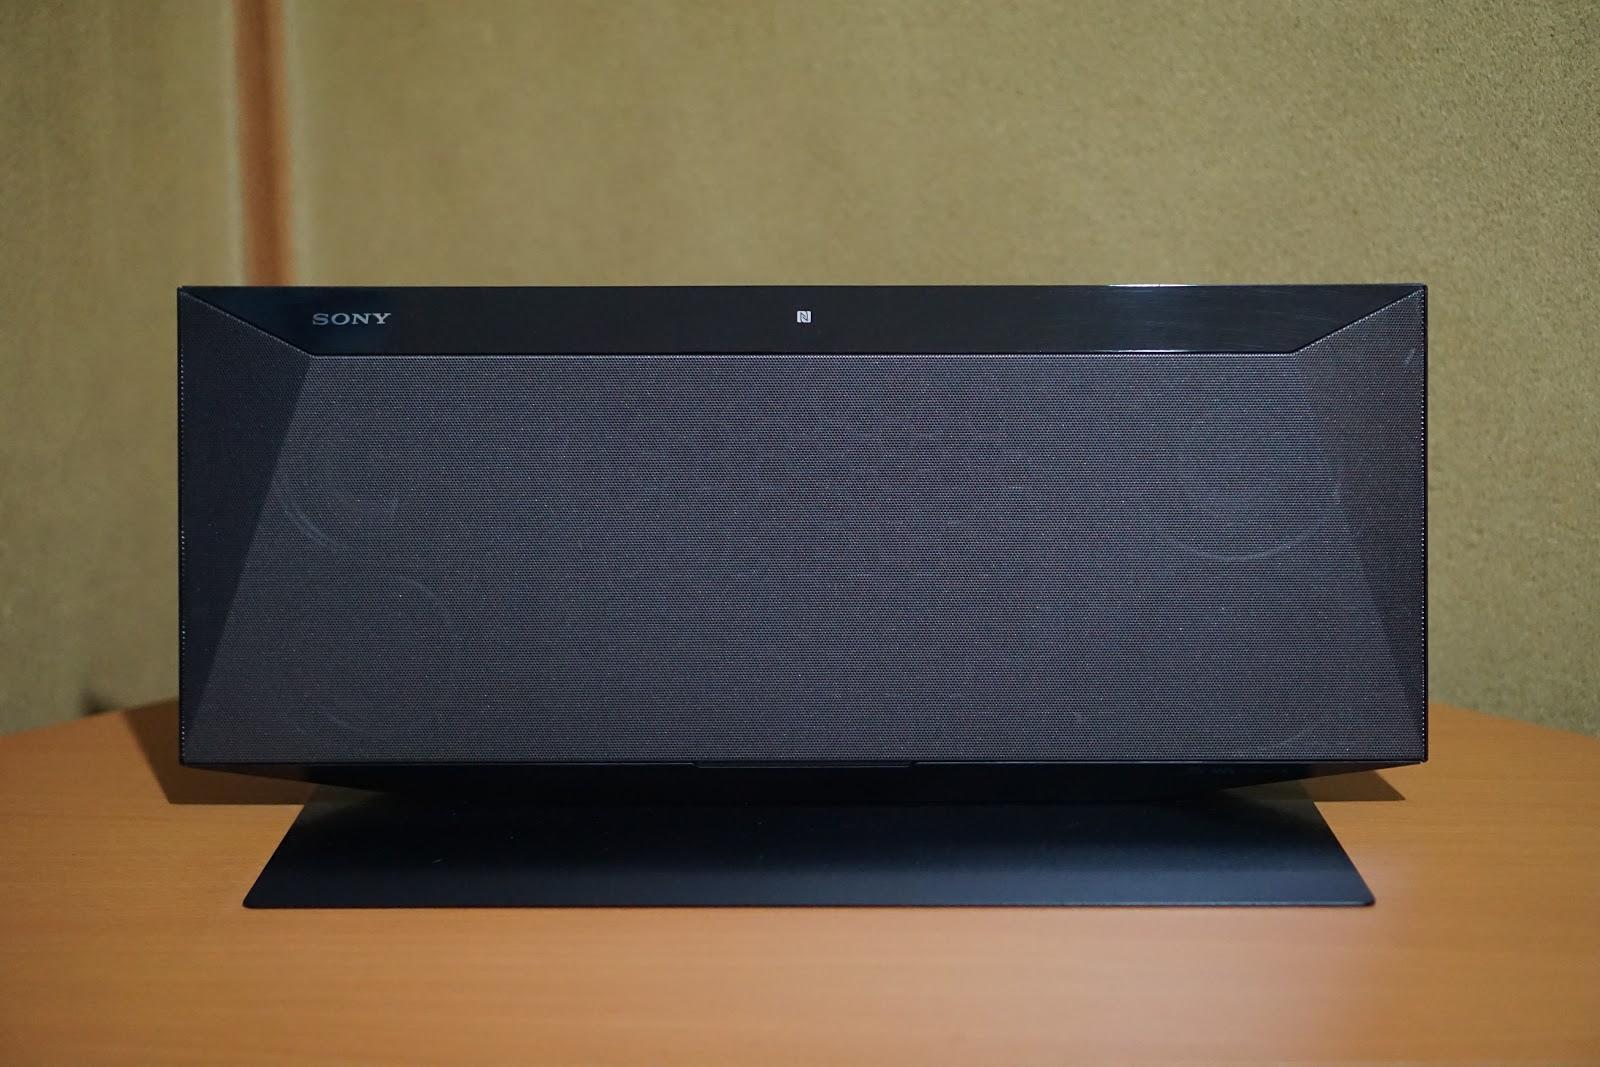 ソニーのマルチコネクトコンポ(CMT-BT60)